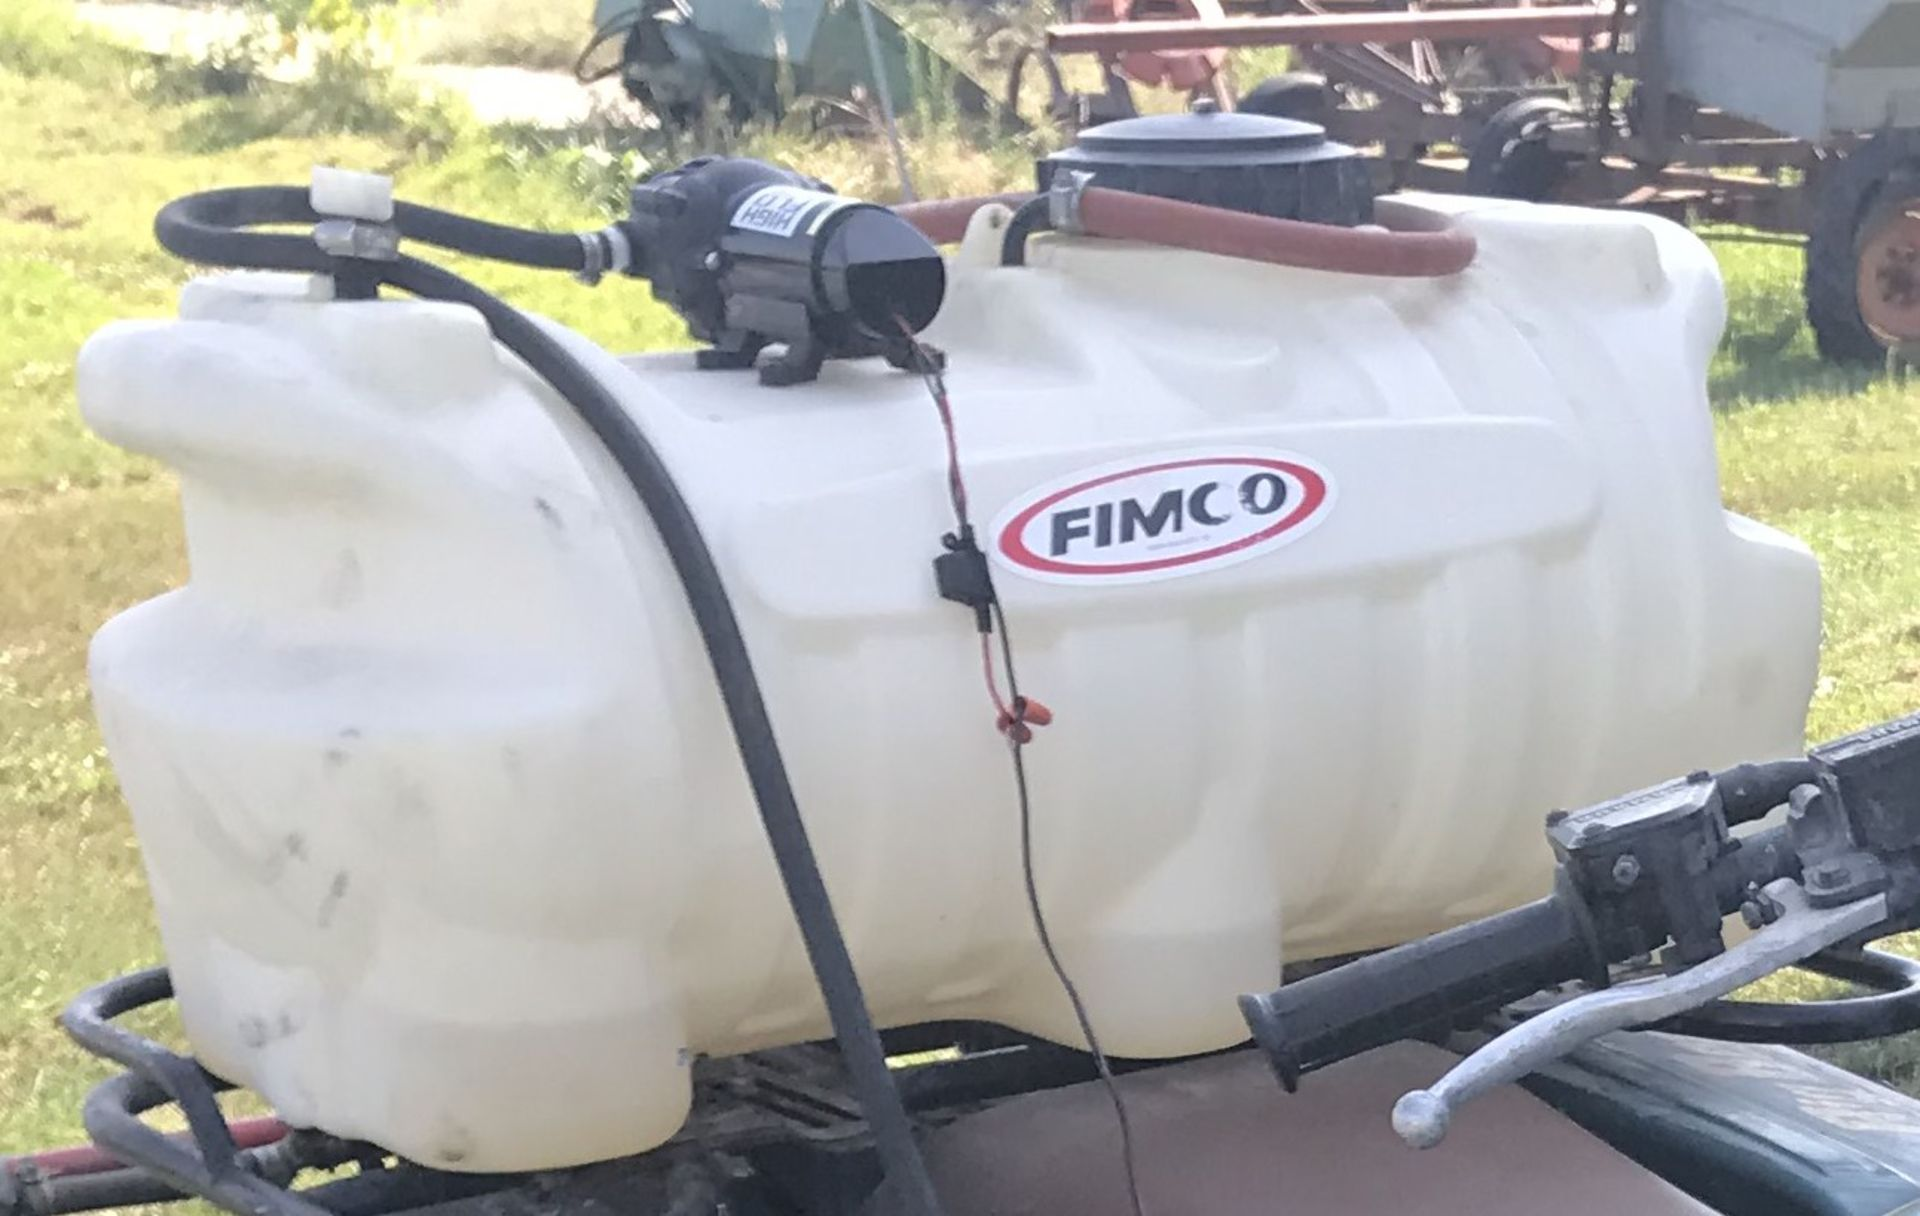 """Lot 44 - Fimco 25gal. 12v Sprayer w/36"""" Boom"""